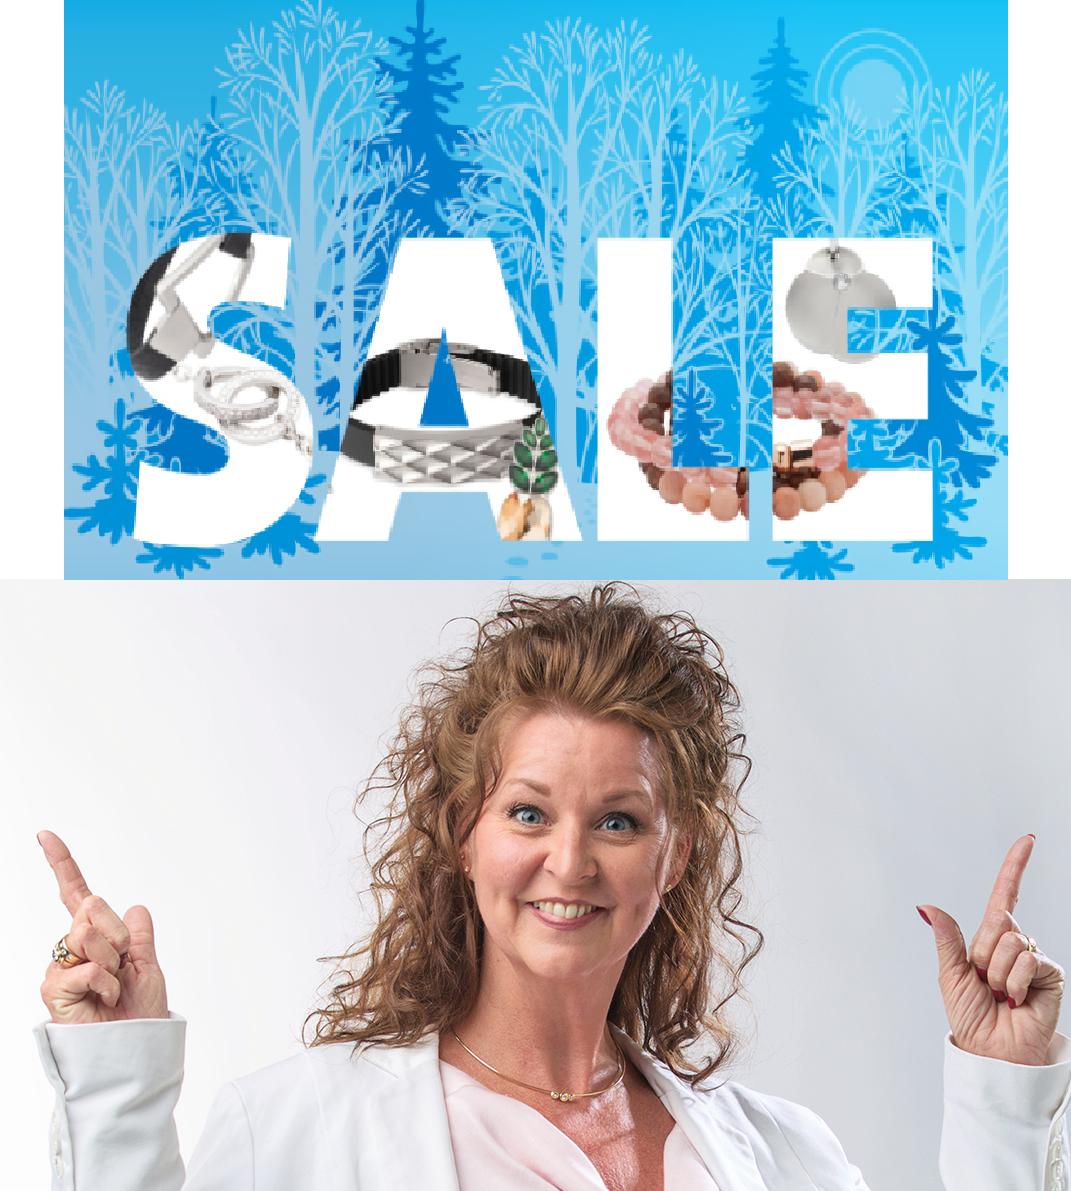 Afbeelding met letters sale en foto Simone voor Energetix Sale